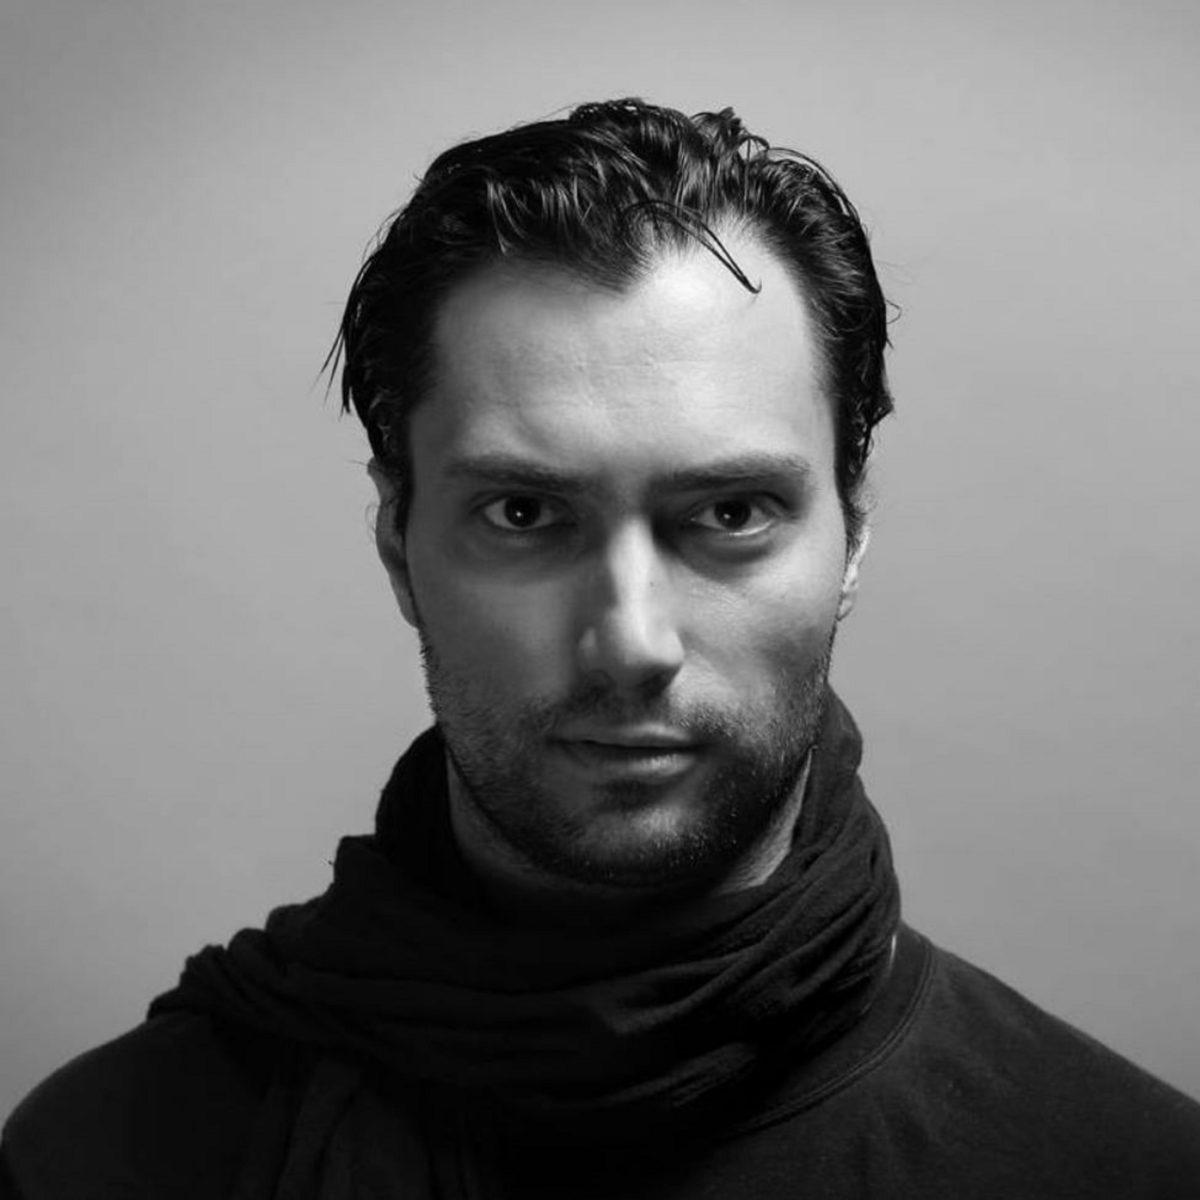 Maurizio Di Berardino